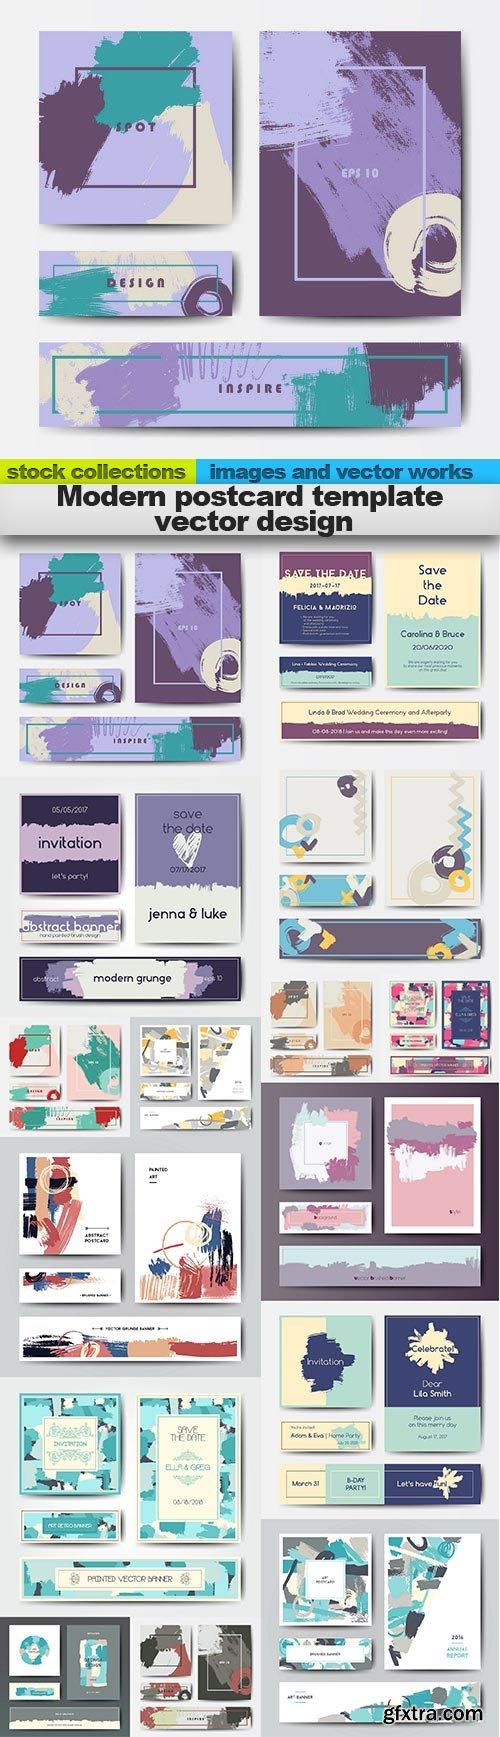 Modern postcard template vector design, 15 x EPS